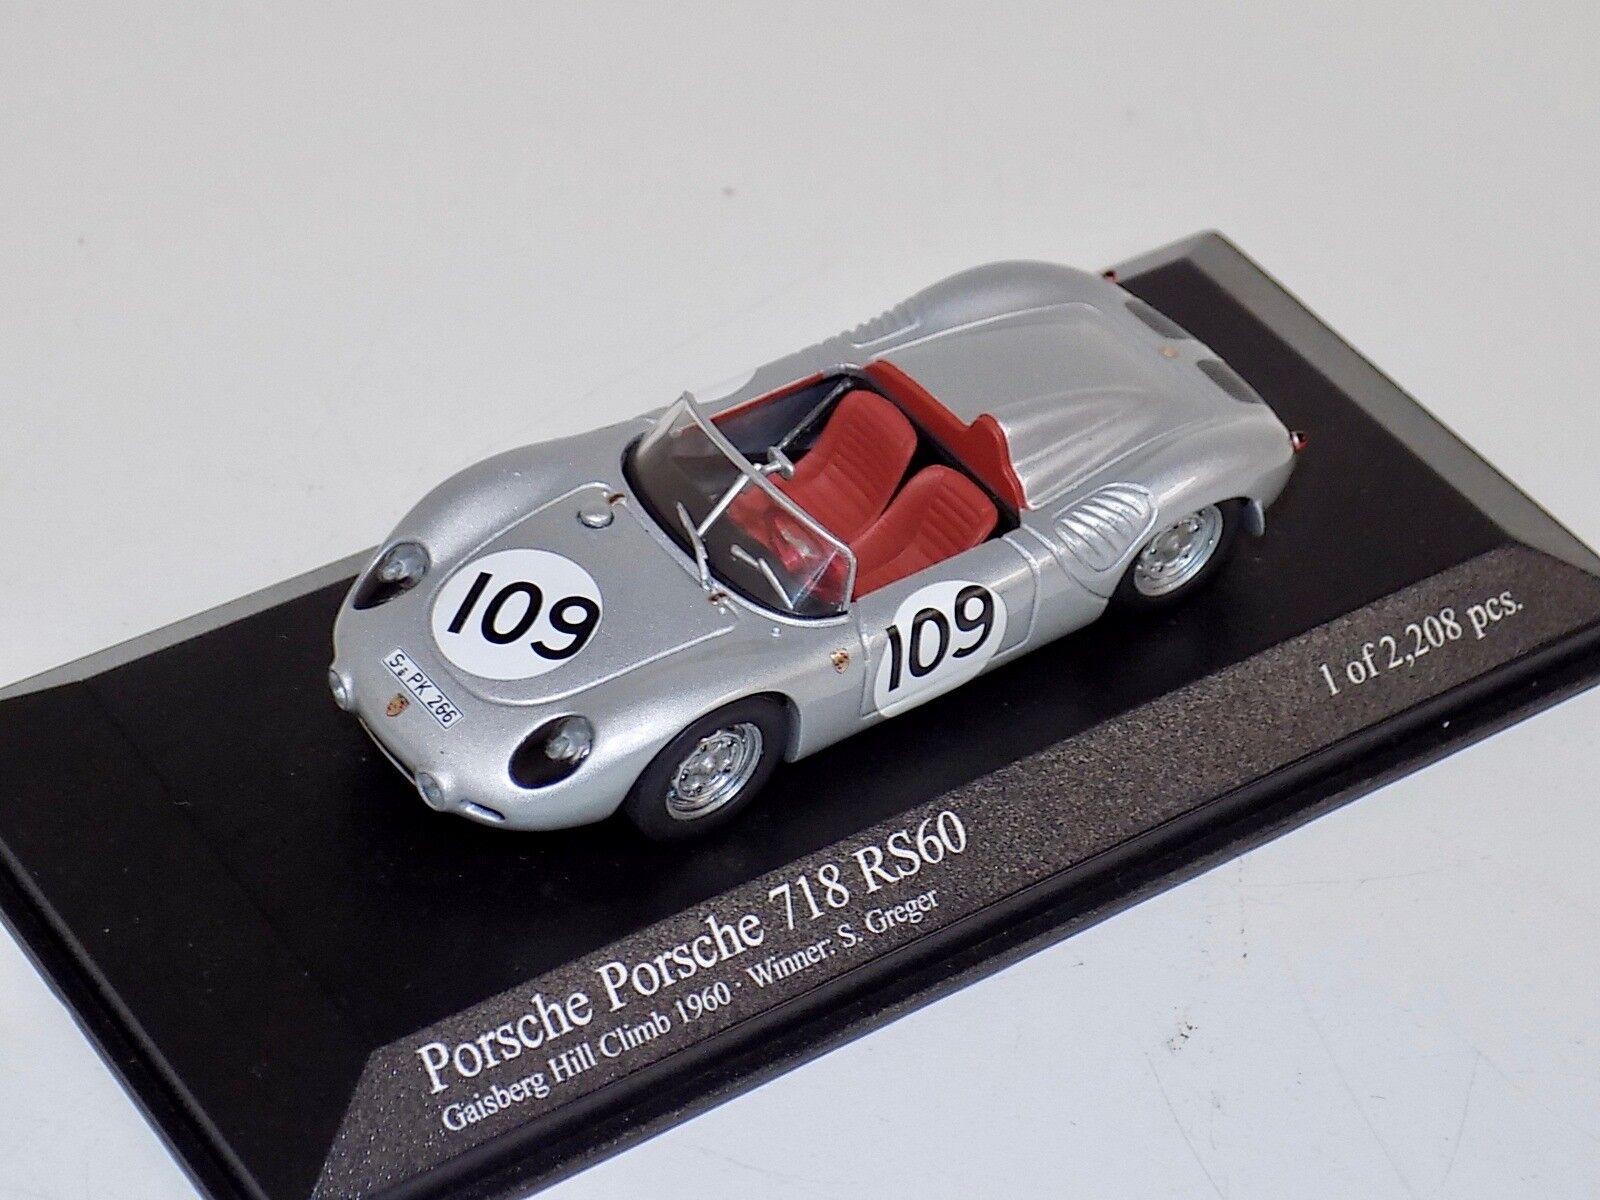 1 43 Minichamps PORSCHE 718 718 718 RS60 GAISBERG HILL CLIMB ganador 1960 S. Greger 318544